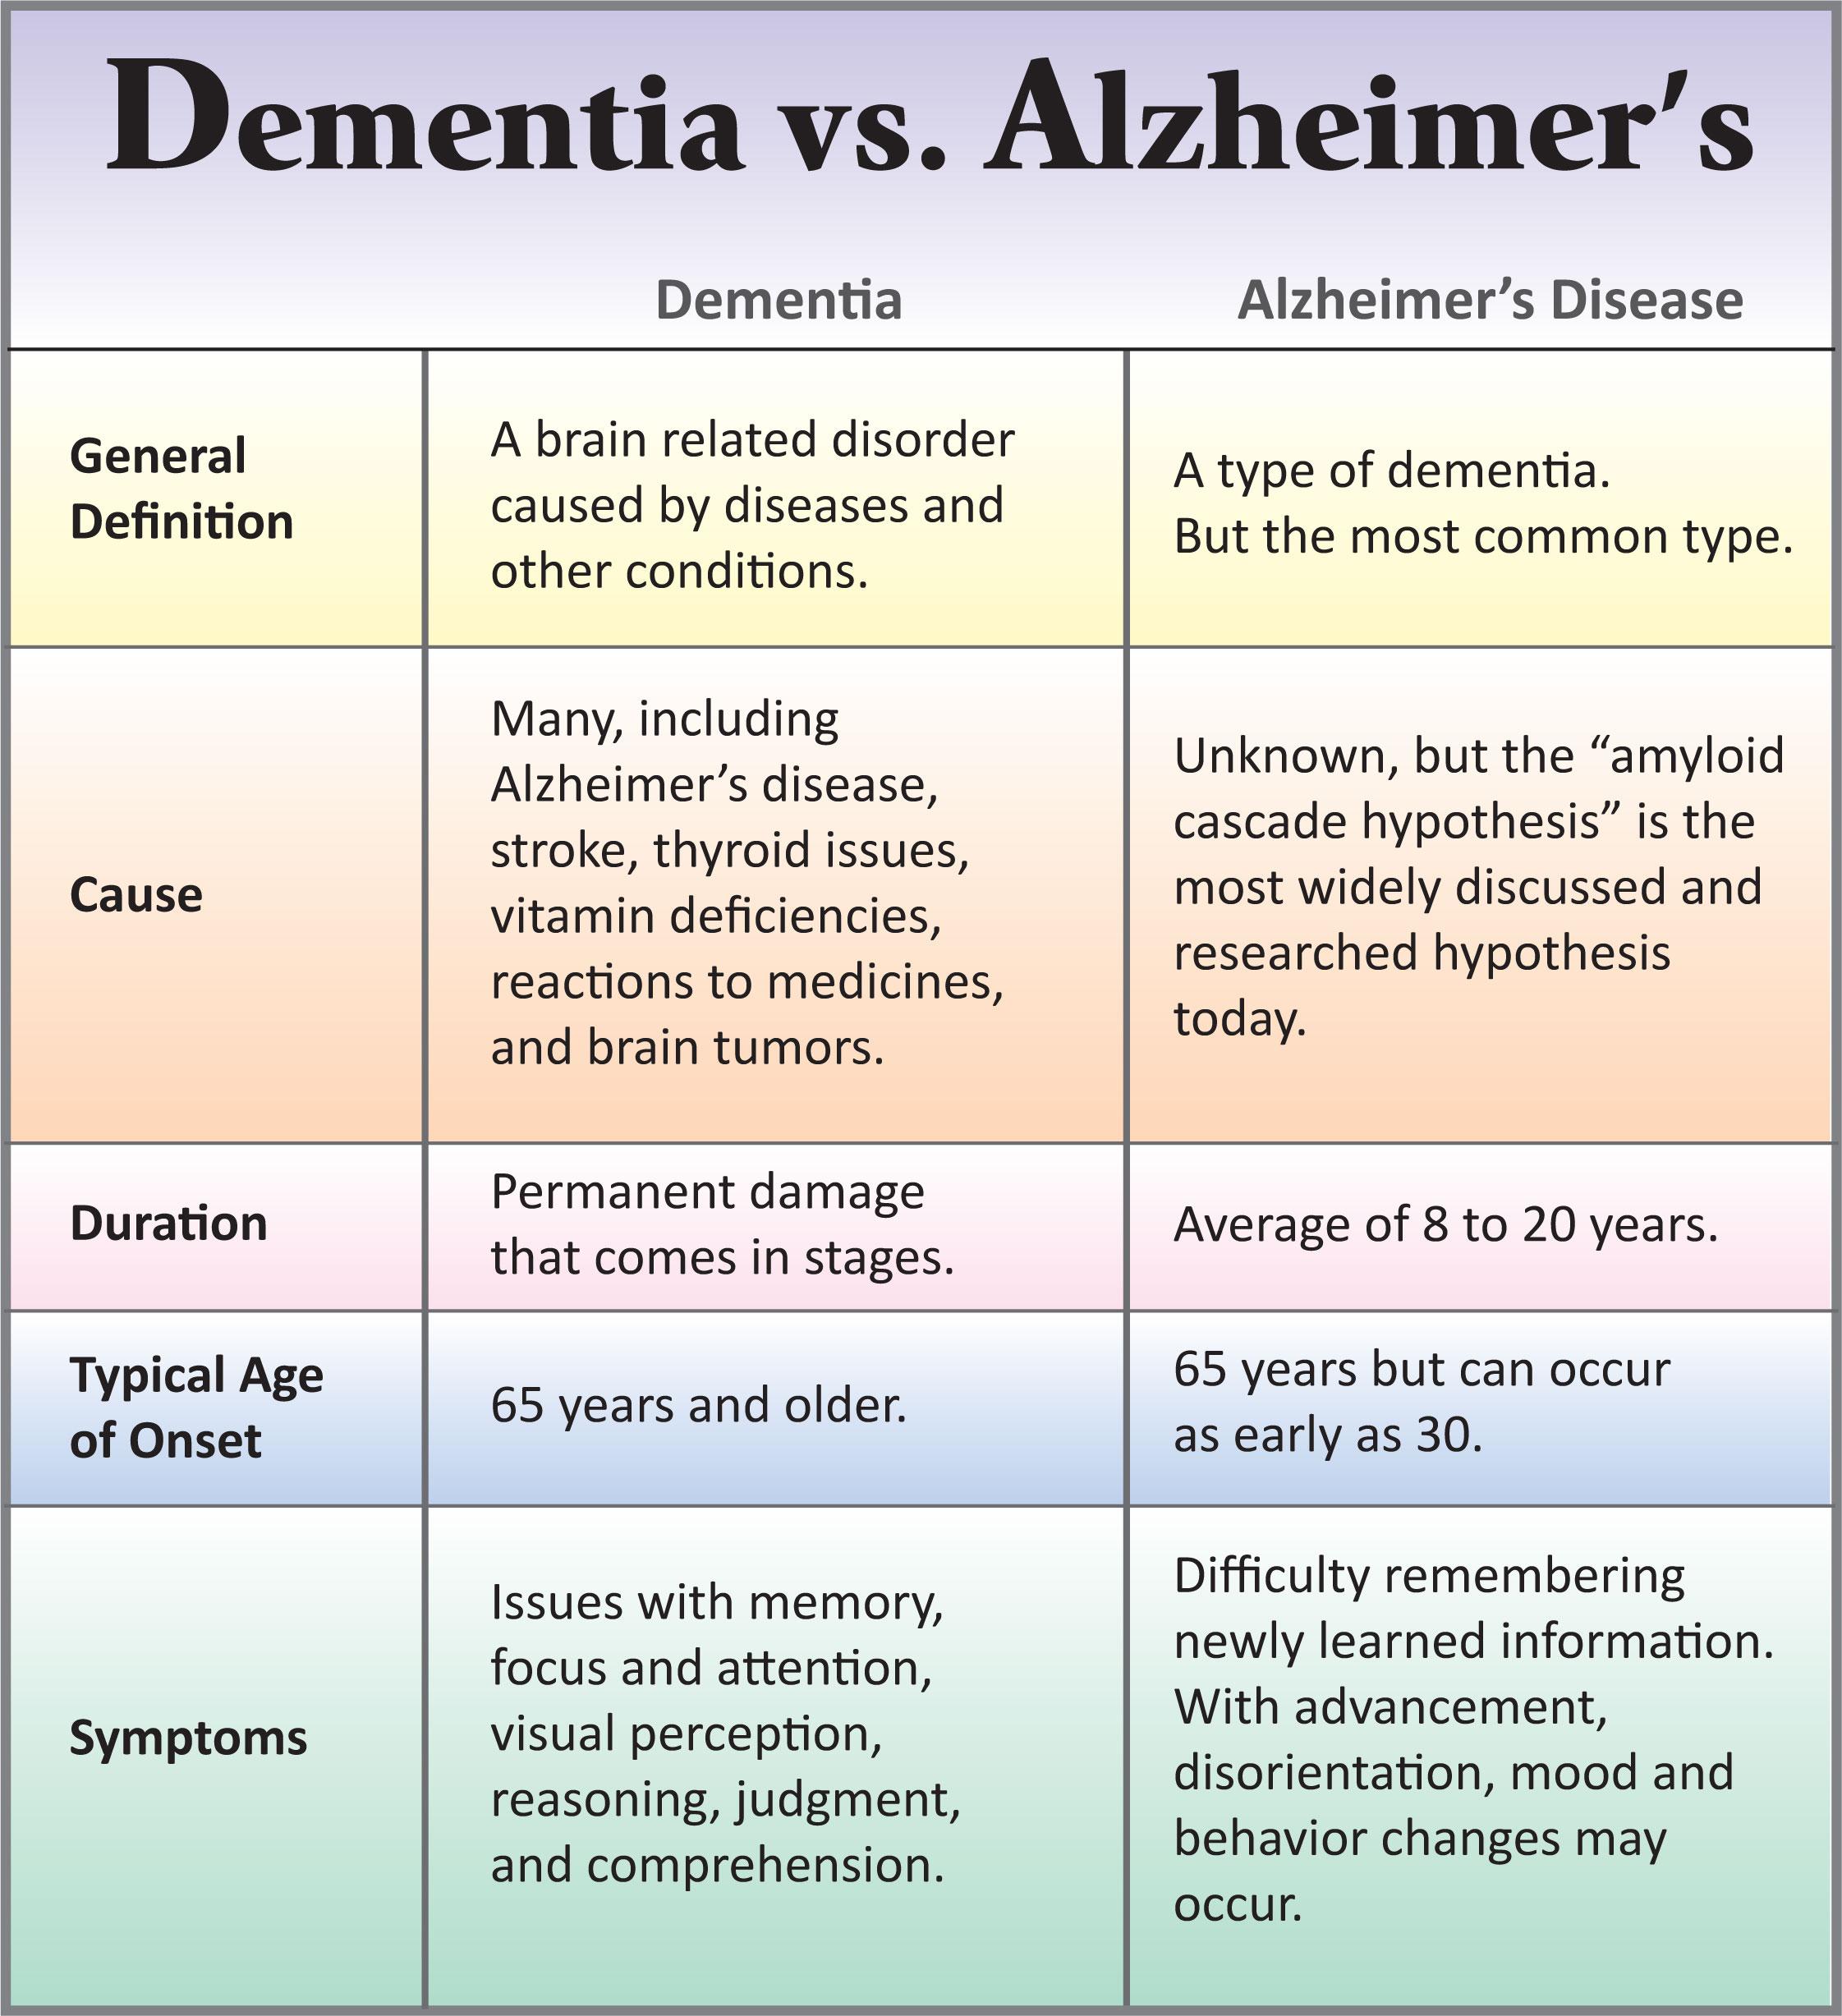 dementia vs alzheimer's disease